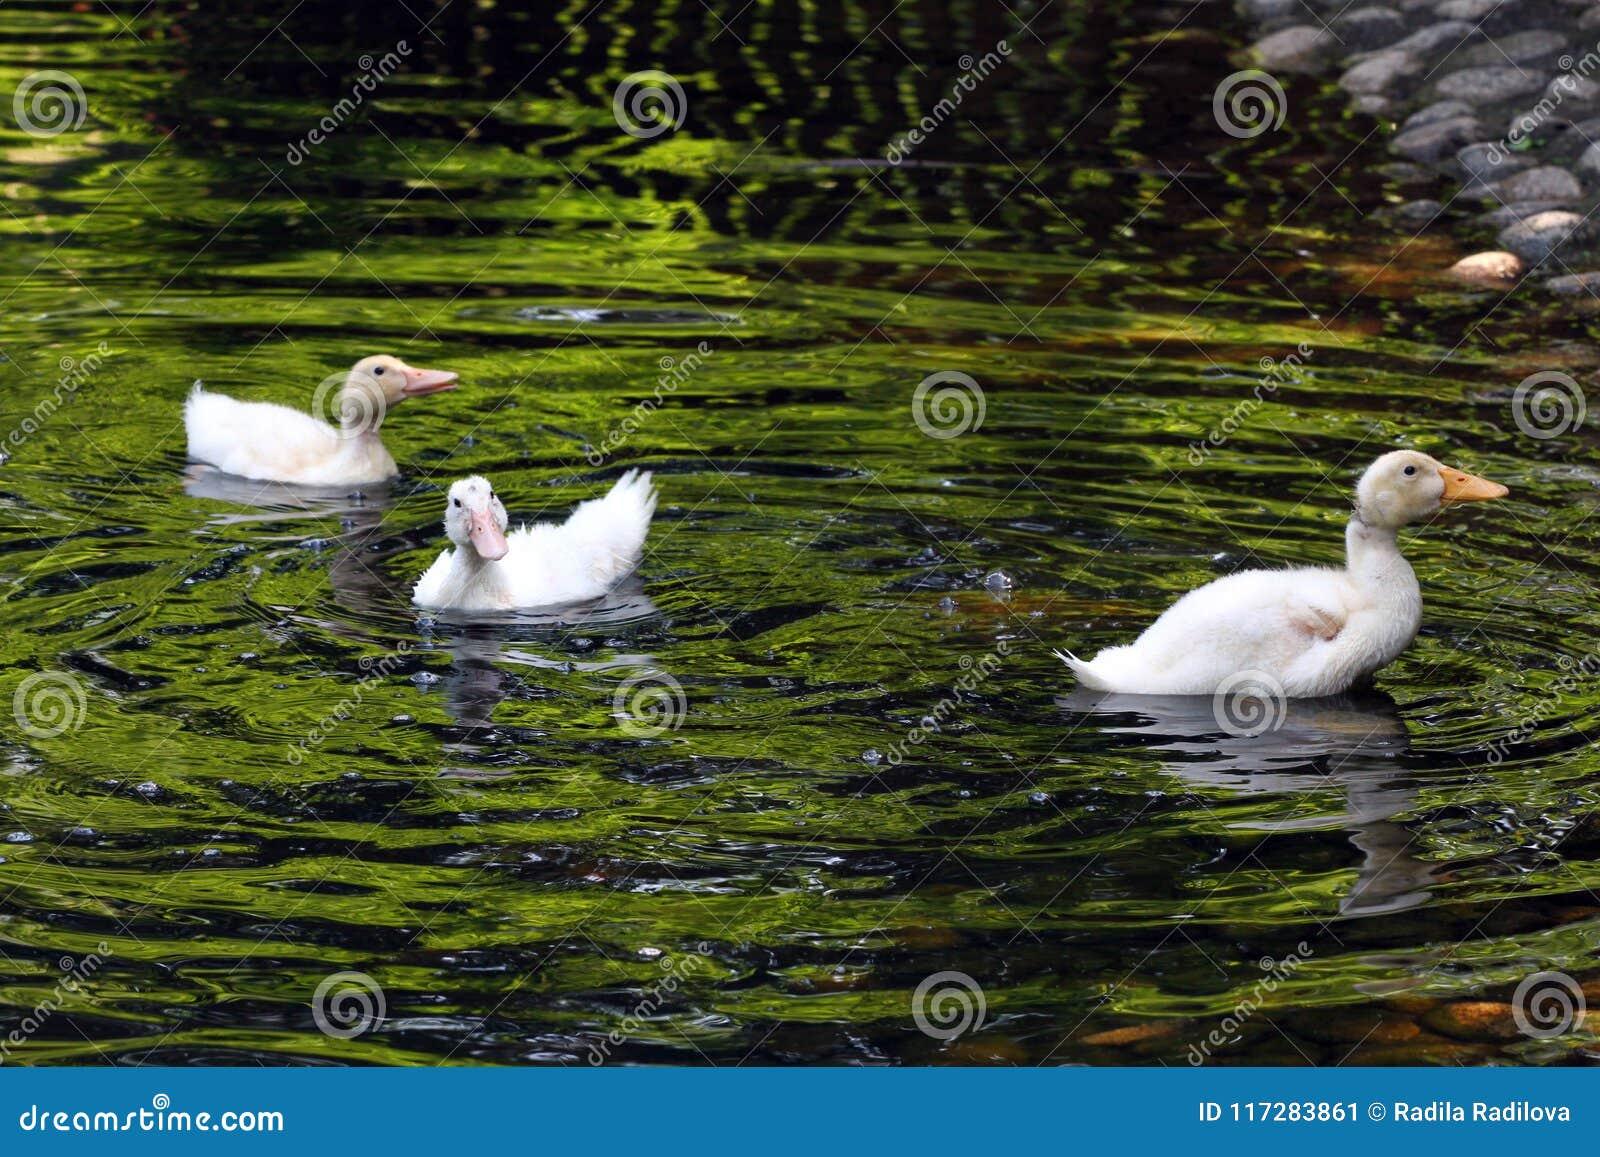 Witte Eend De leuke Eend van de Baby Jonge witte eenden die in het water in het meer zwemmen De eendjes zwemmen in de vijver Baby